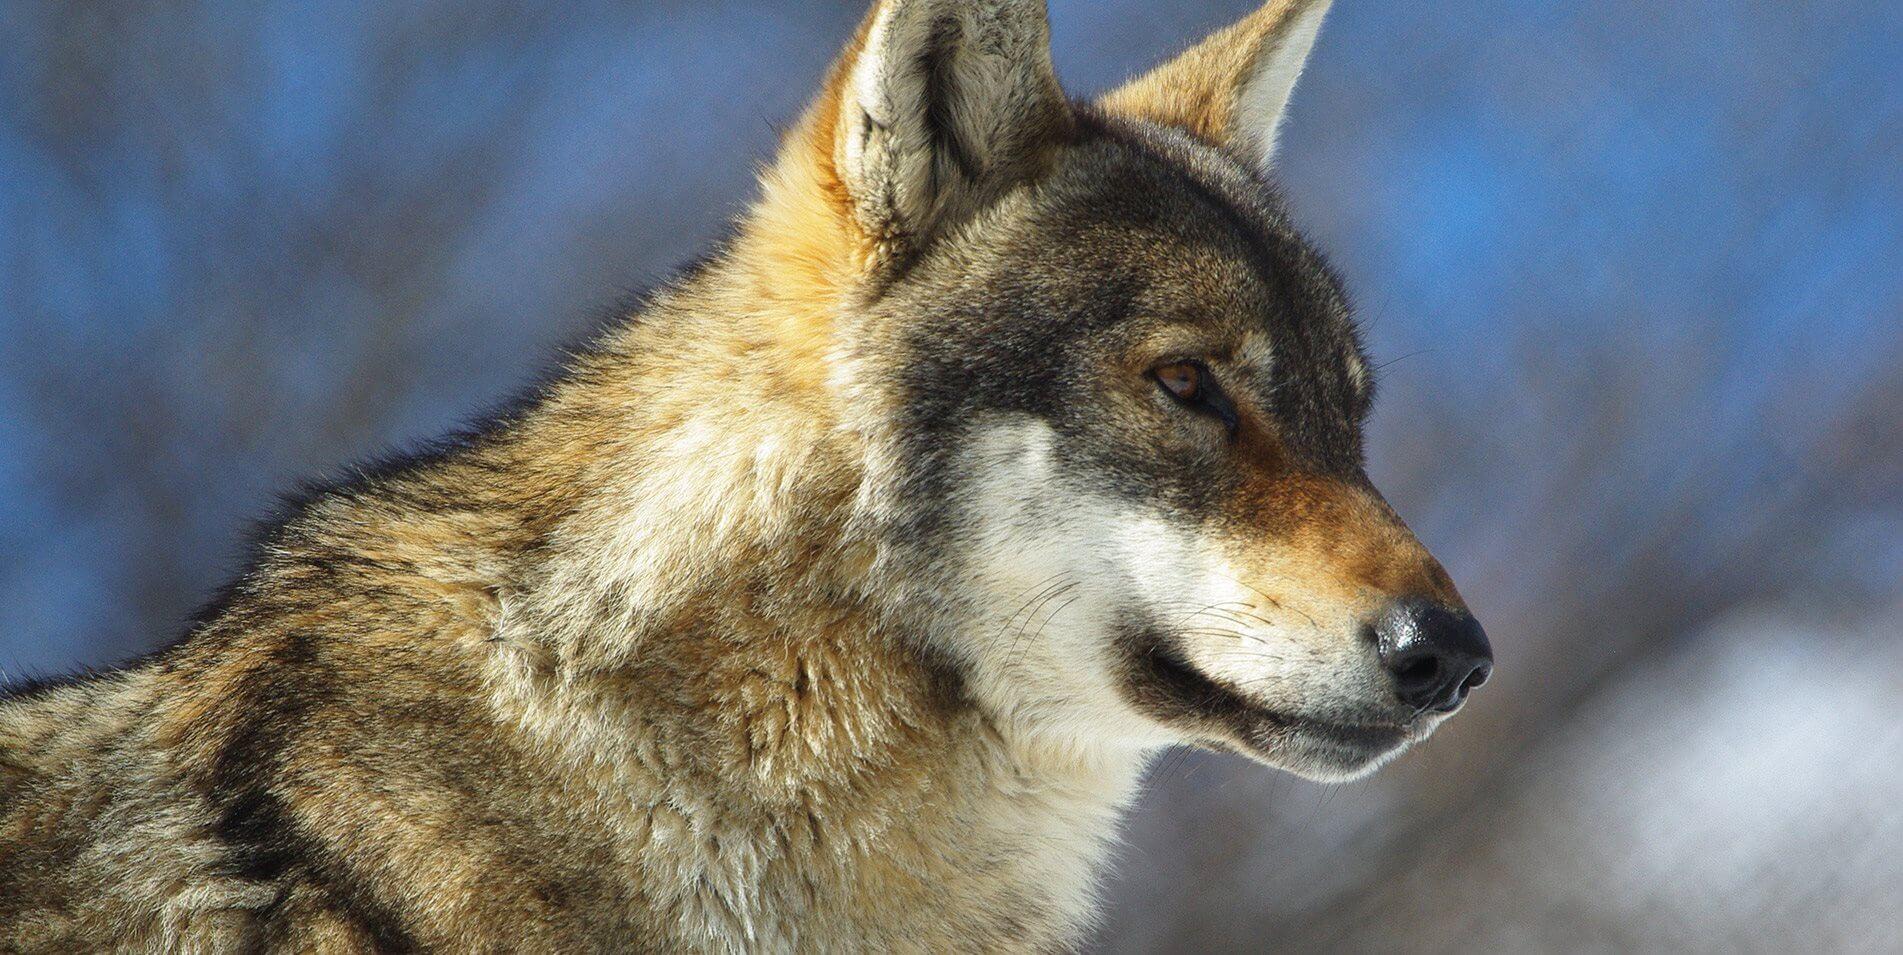 λύκος στην φύση υπό προστασία arktouros | youbehero